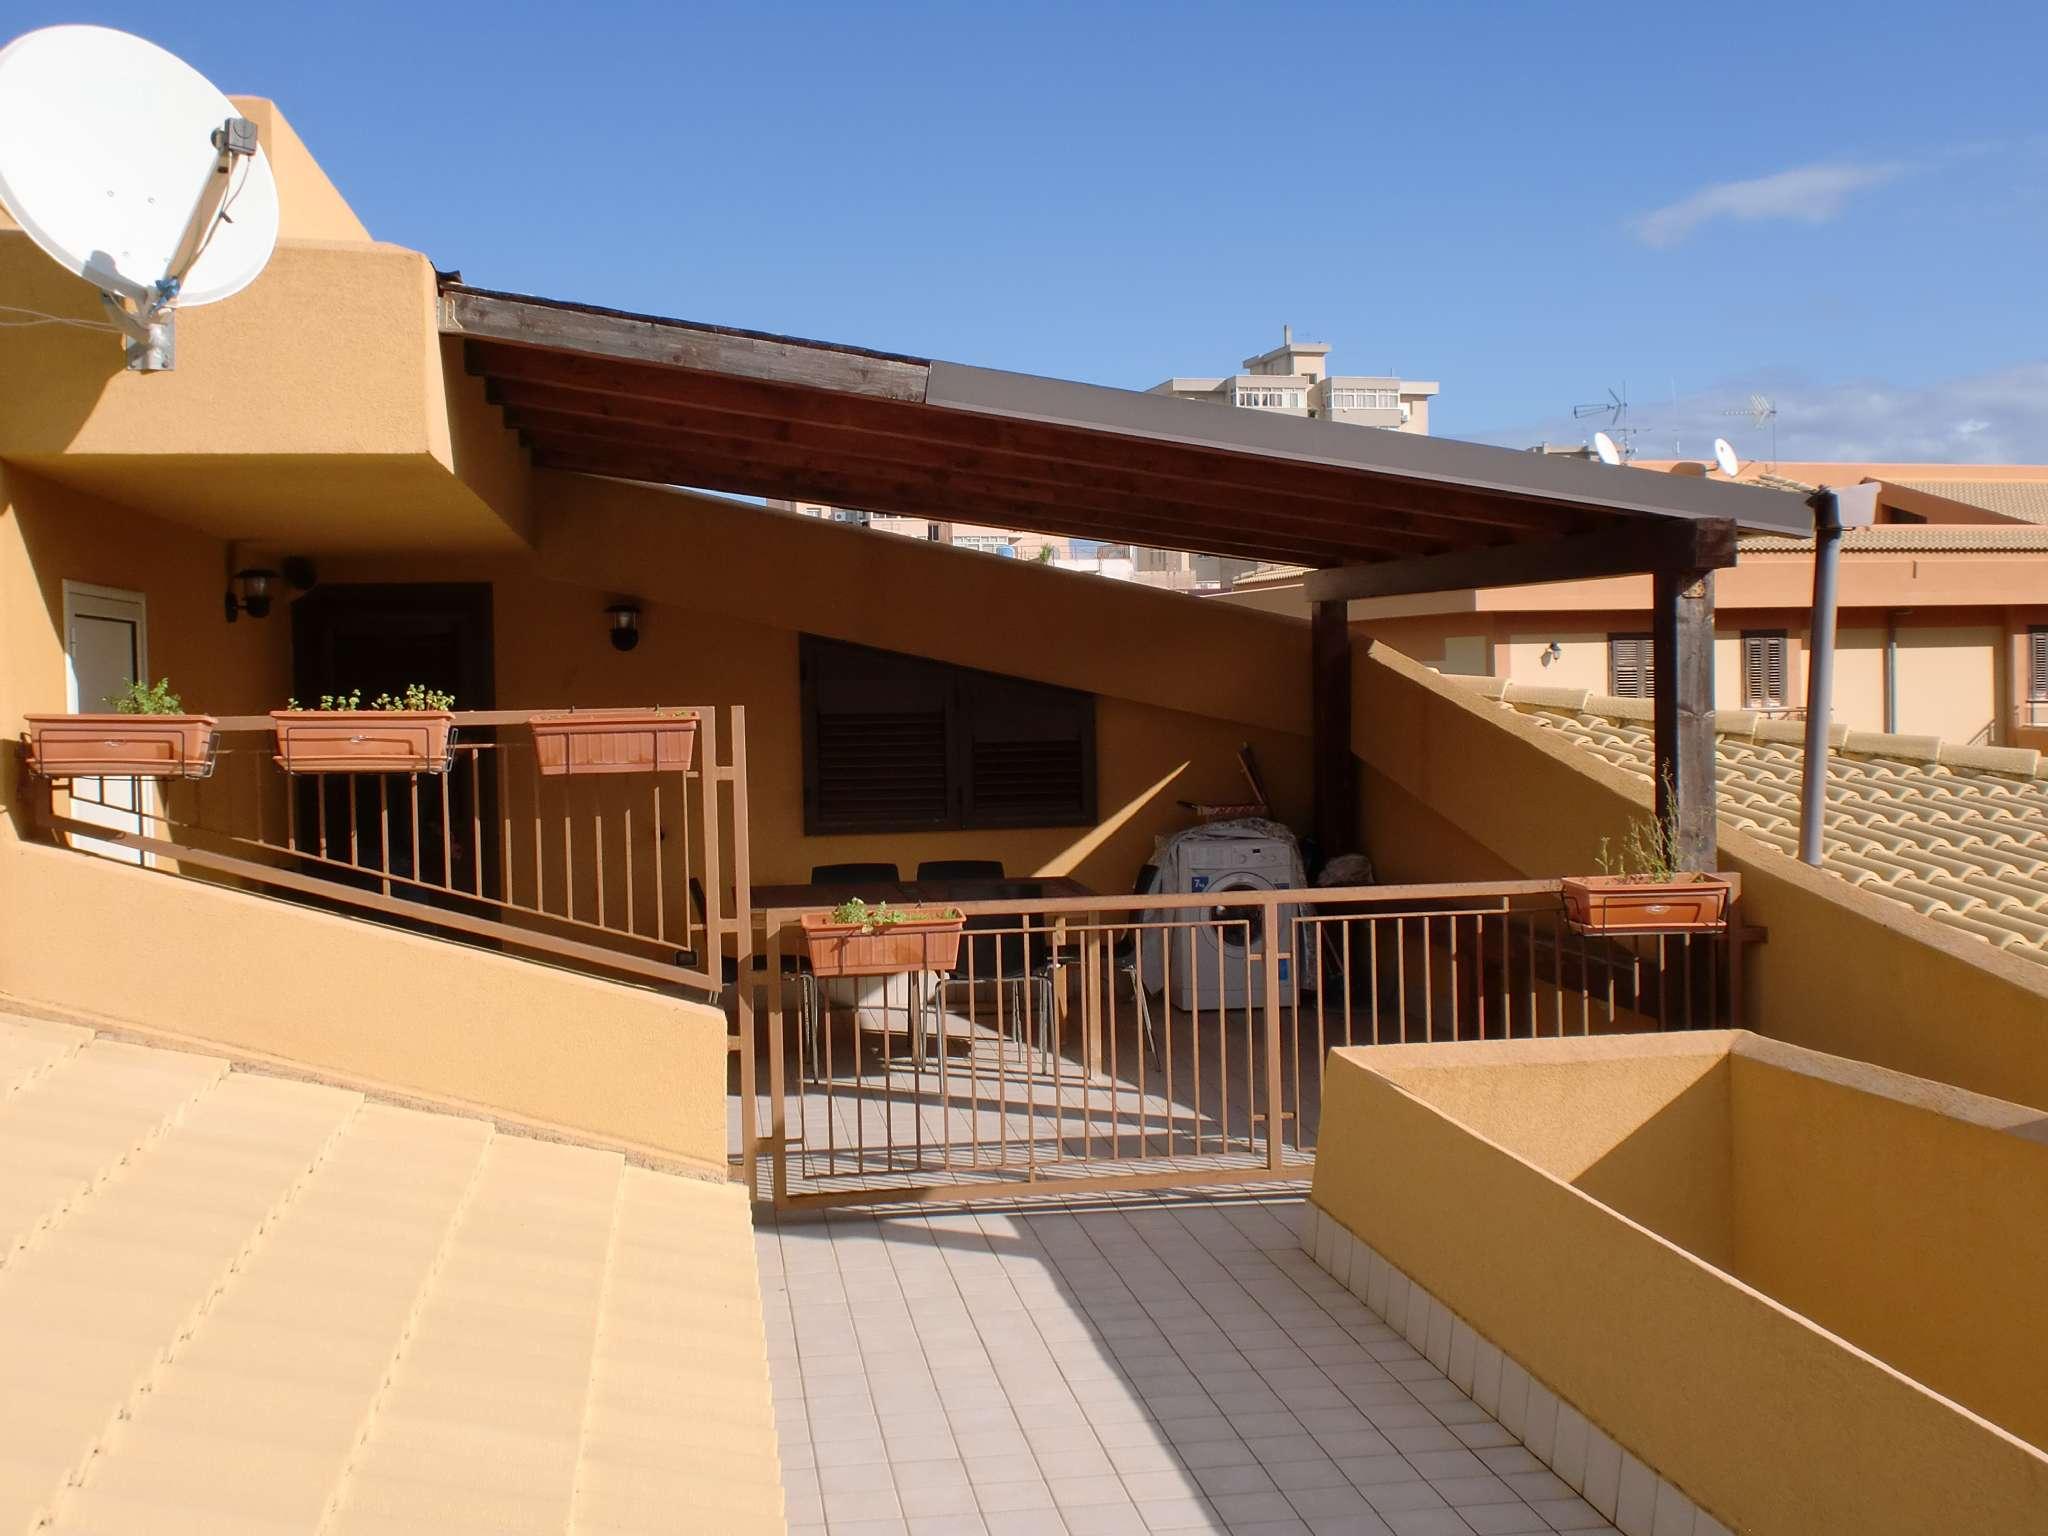 Attico / Mansarda arredato in affitto Rif. 8760566